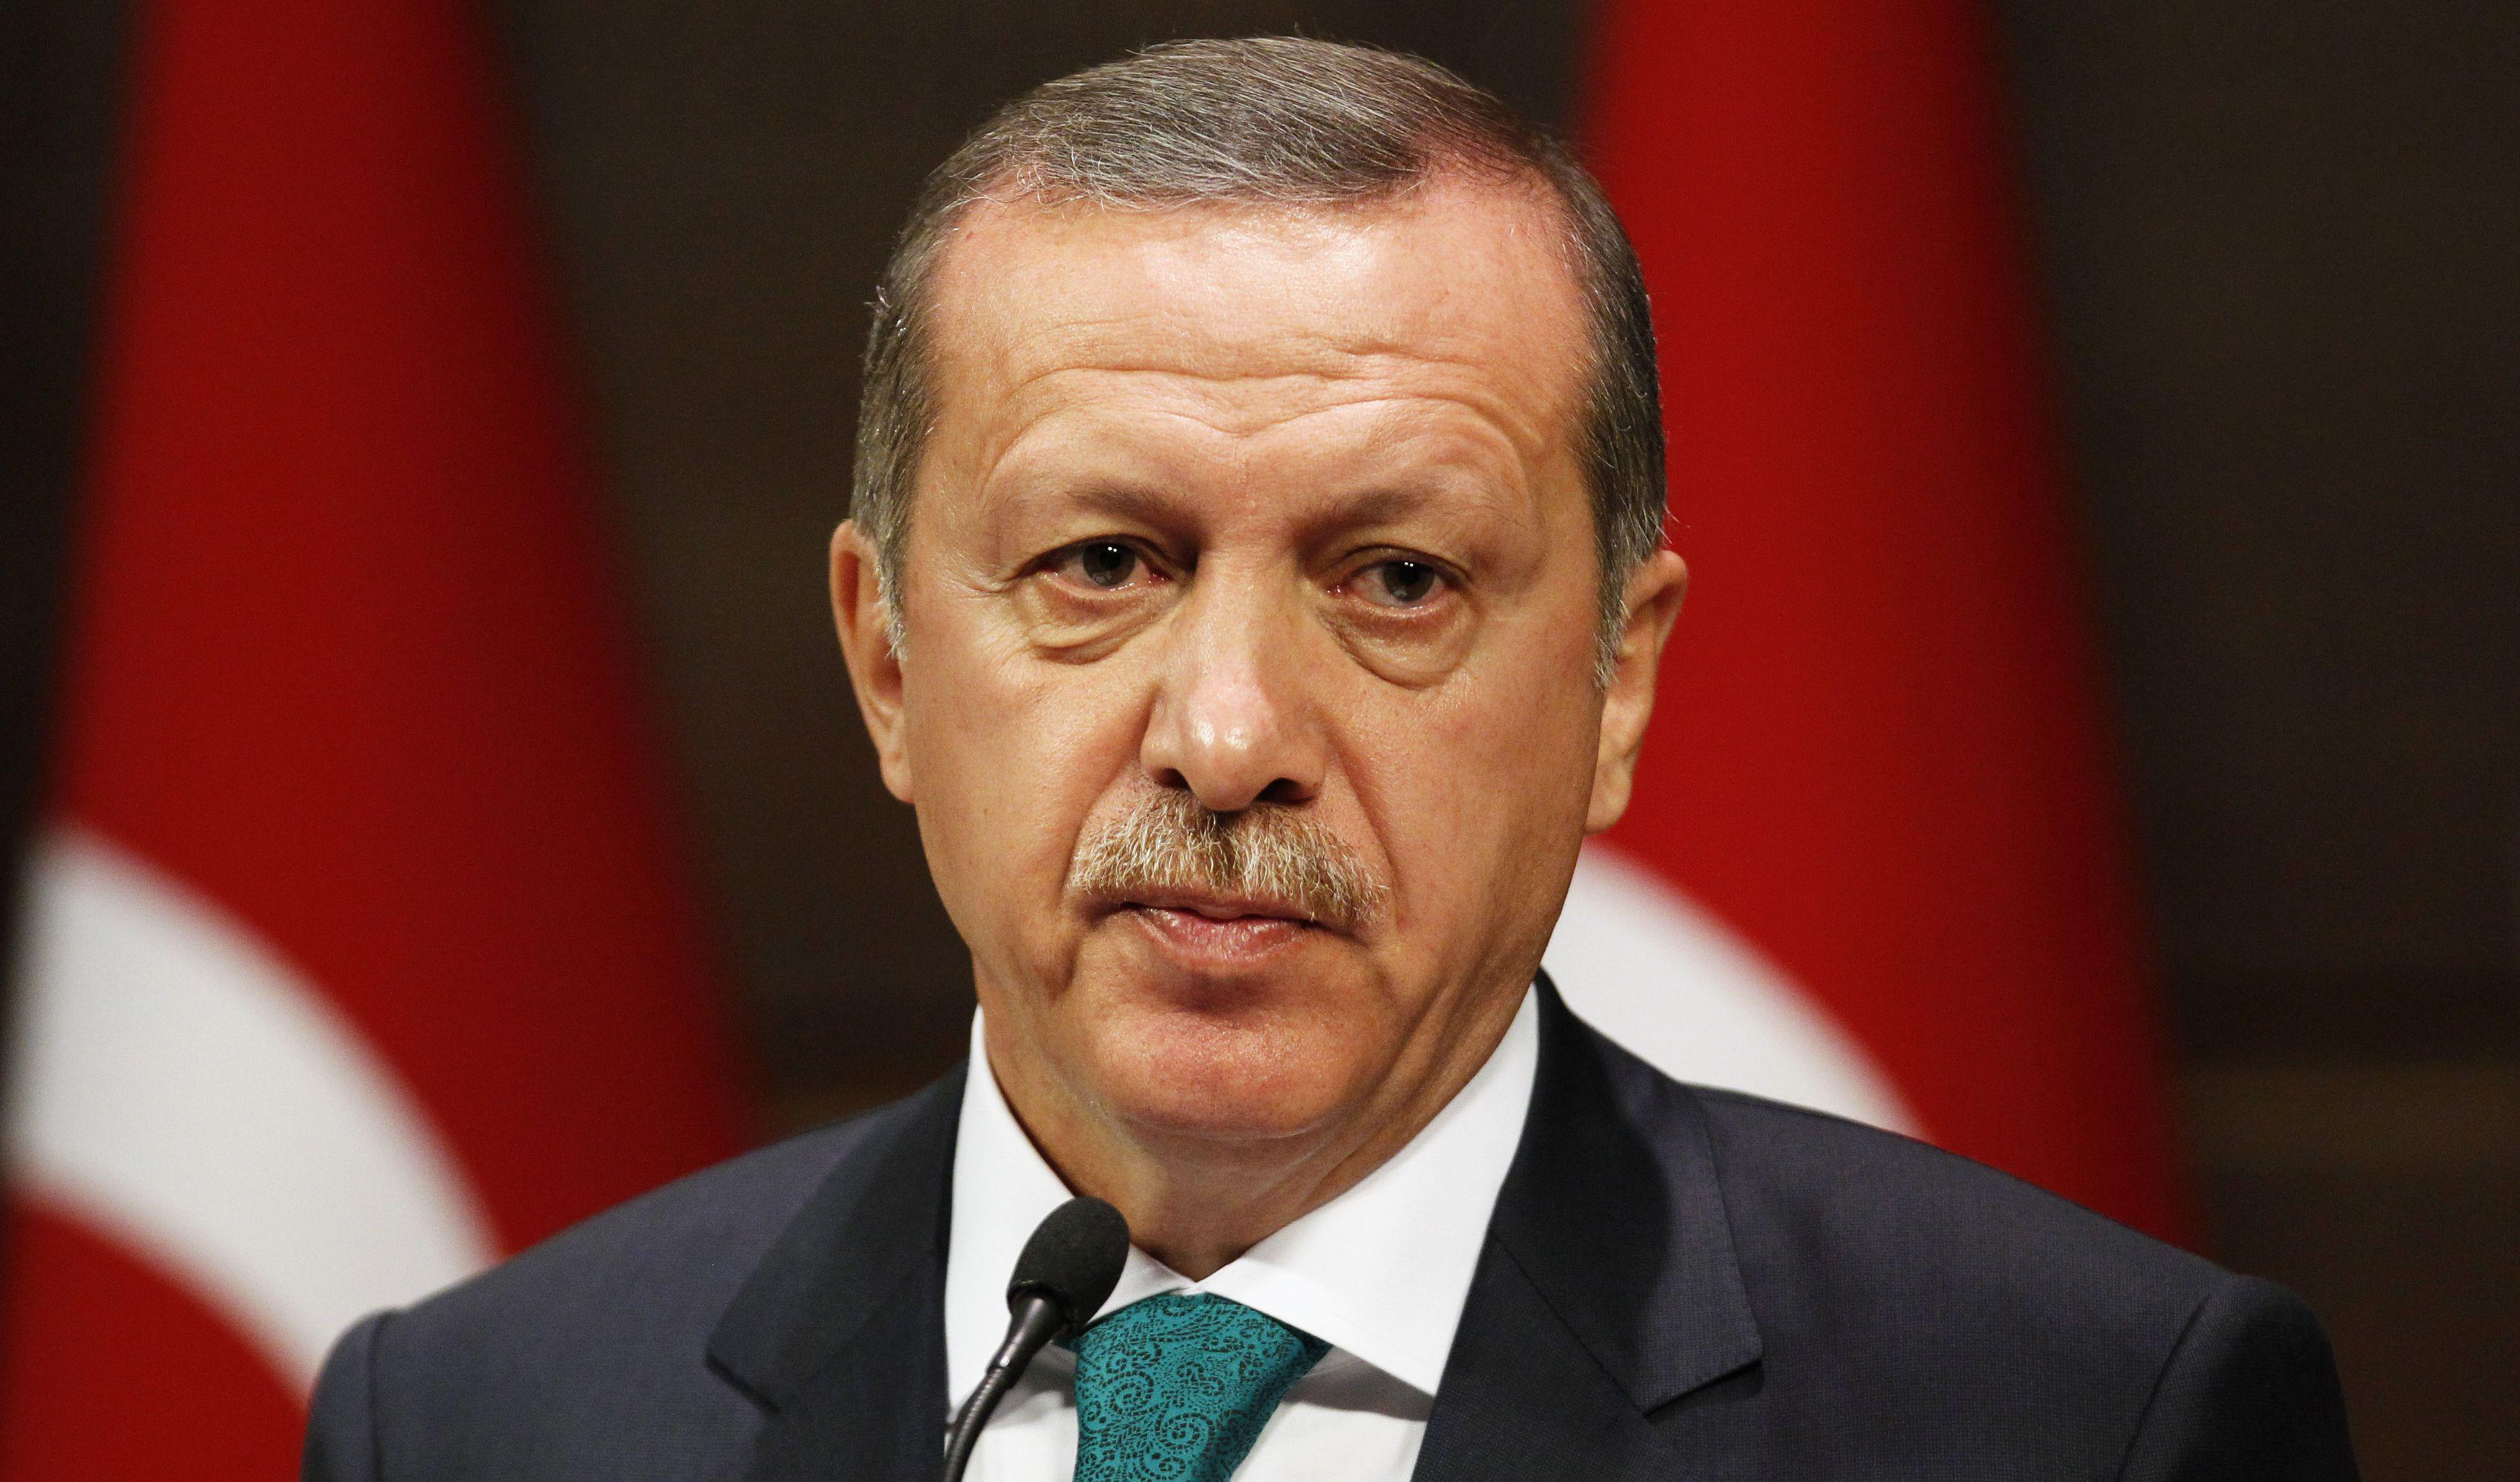 درخواست اردوغان برای کنار گذاشتن دلار